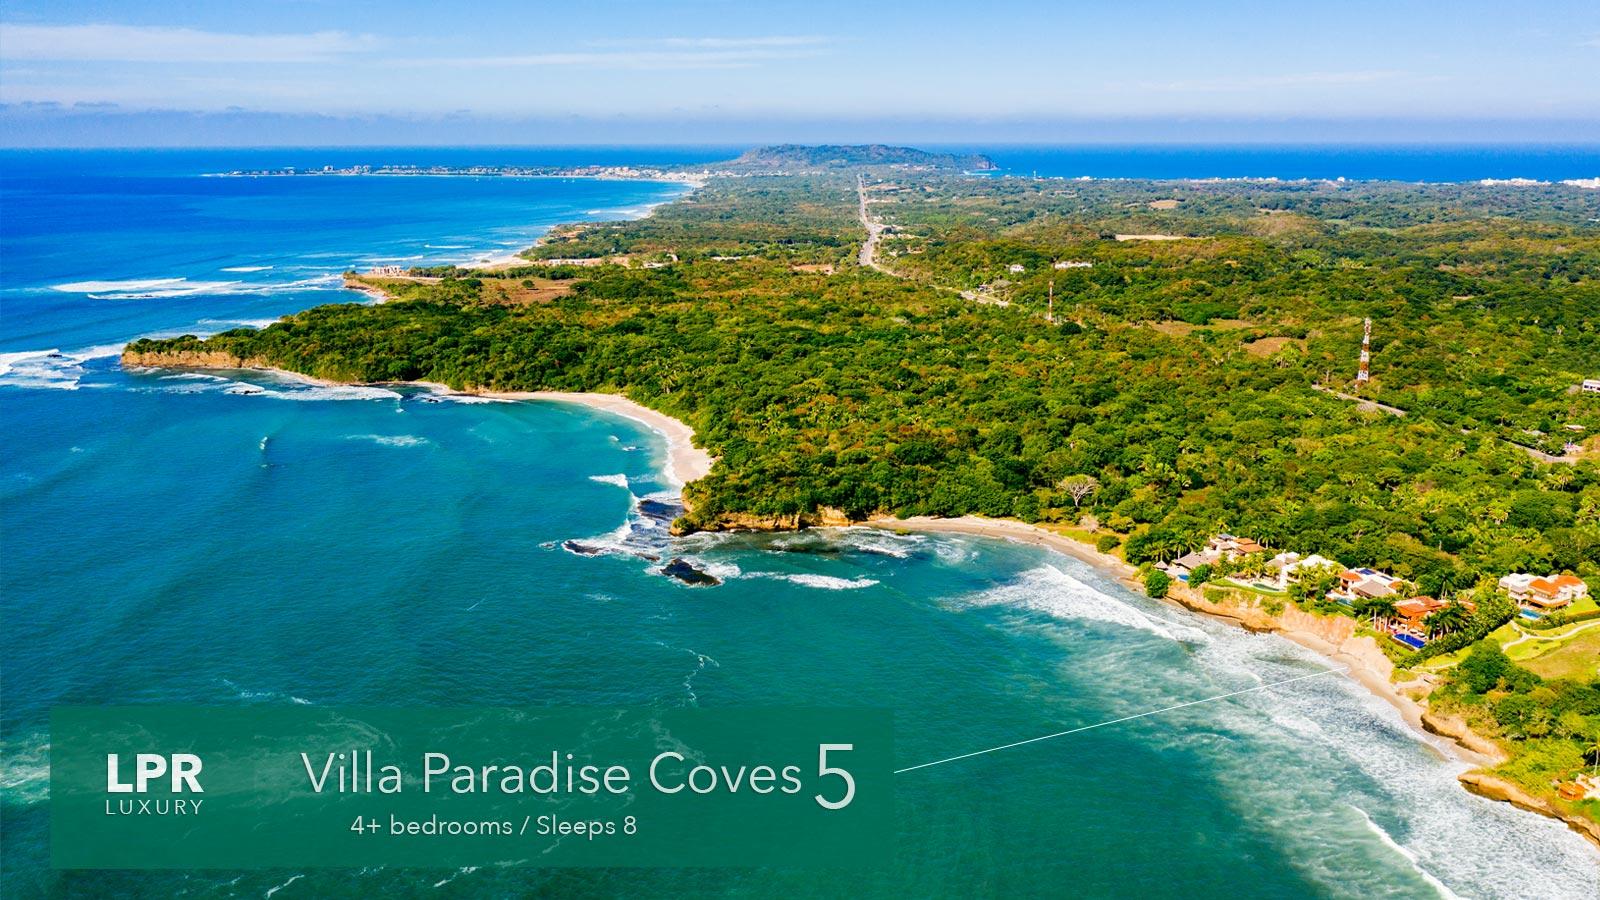 Villa Paradise Coves 5 - Luxury Punta de Mita Vacation Rental Villa - Riviera Nayarit, Mexico`